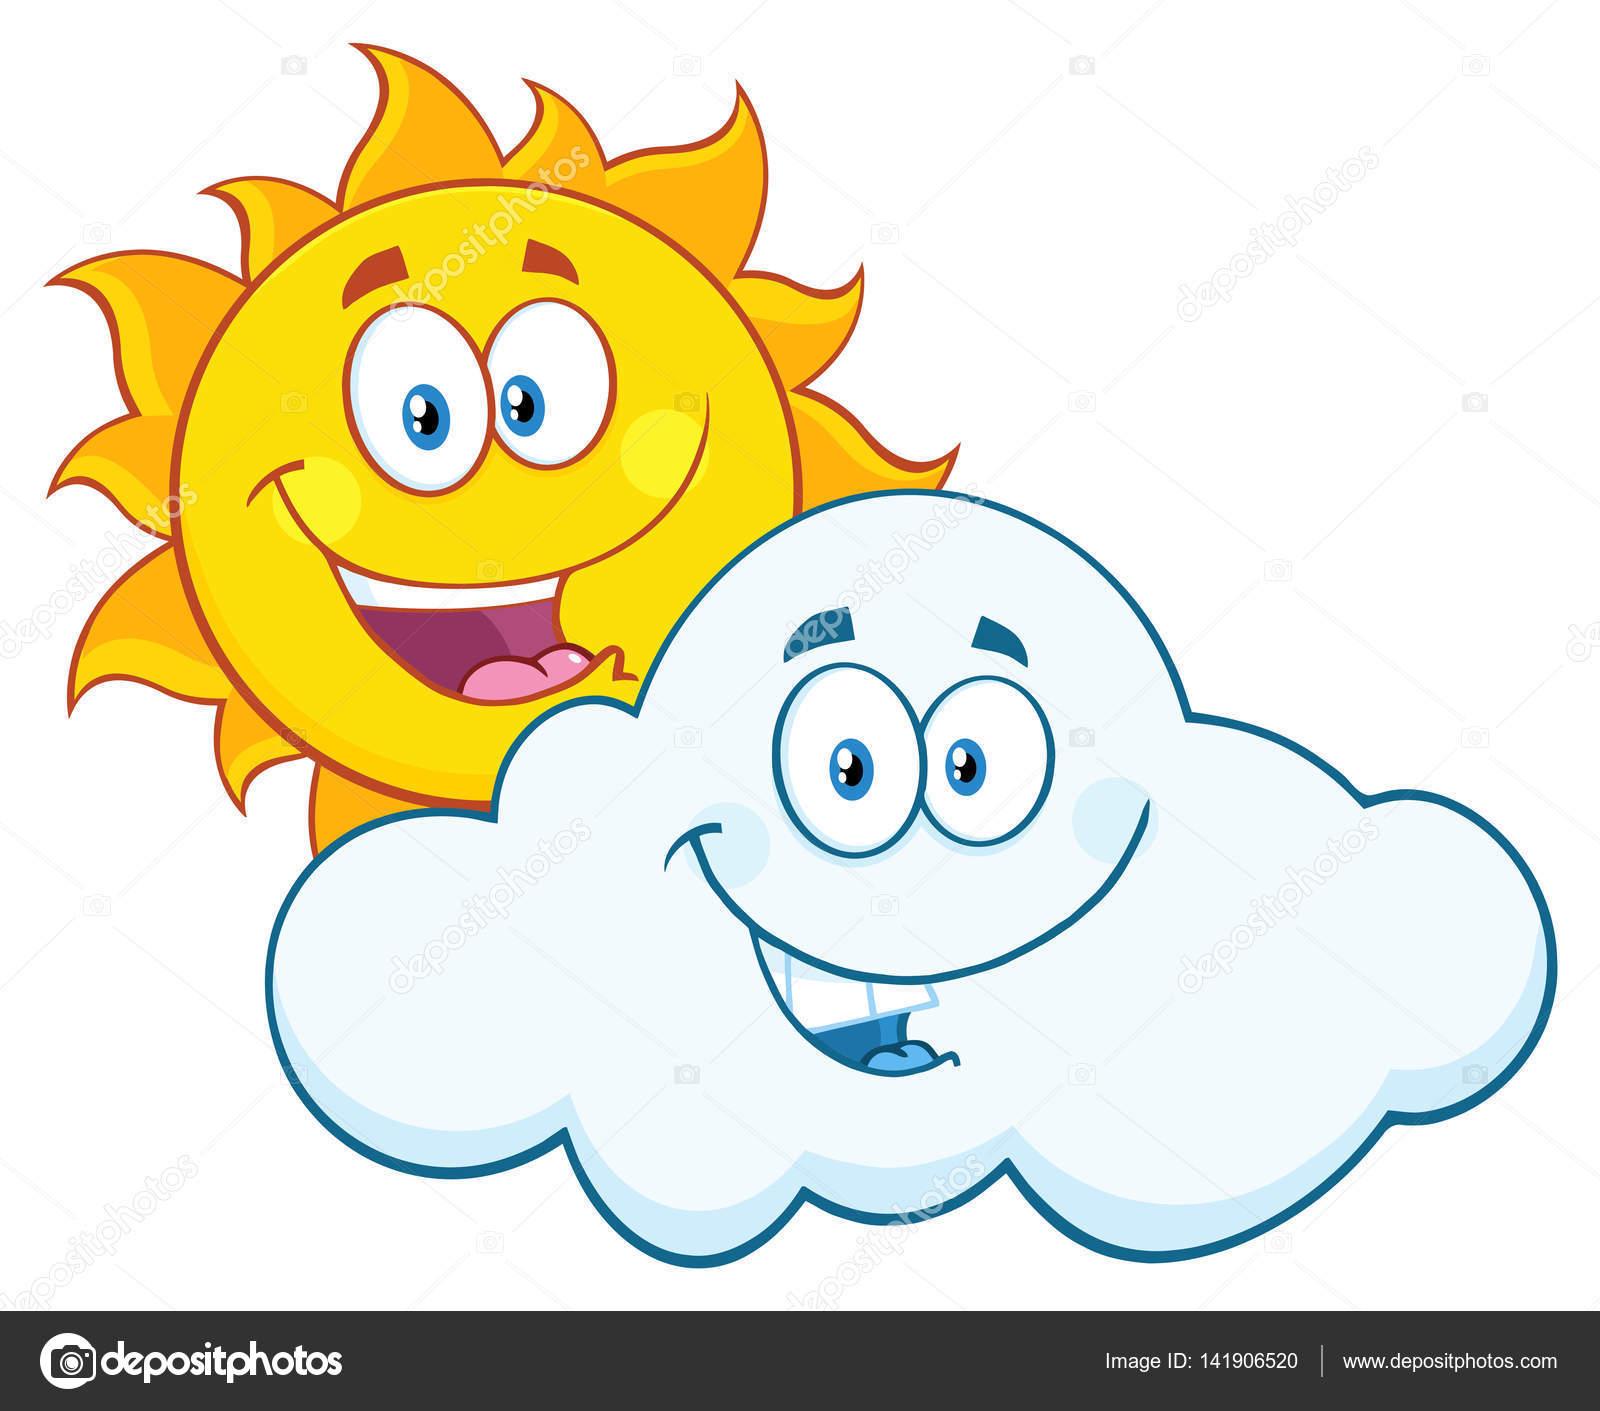 Personaje de dibujos animados de sol vector de stock - Imagenes de nubes infantiles ...